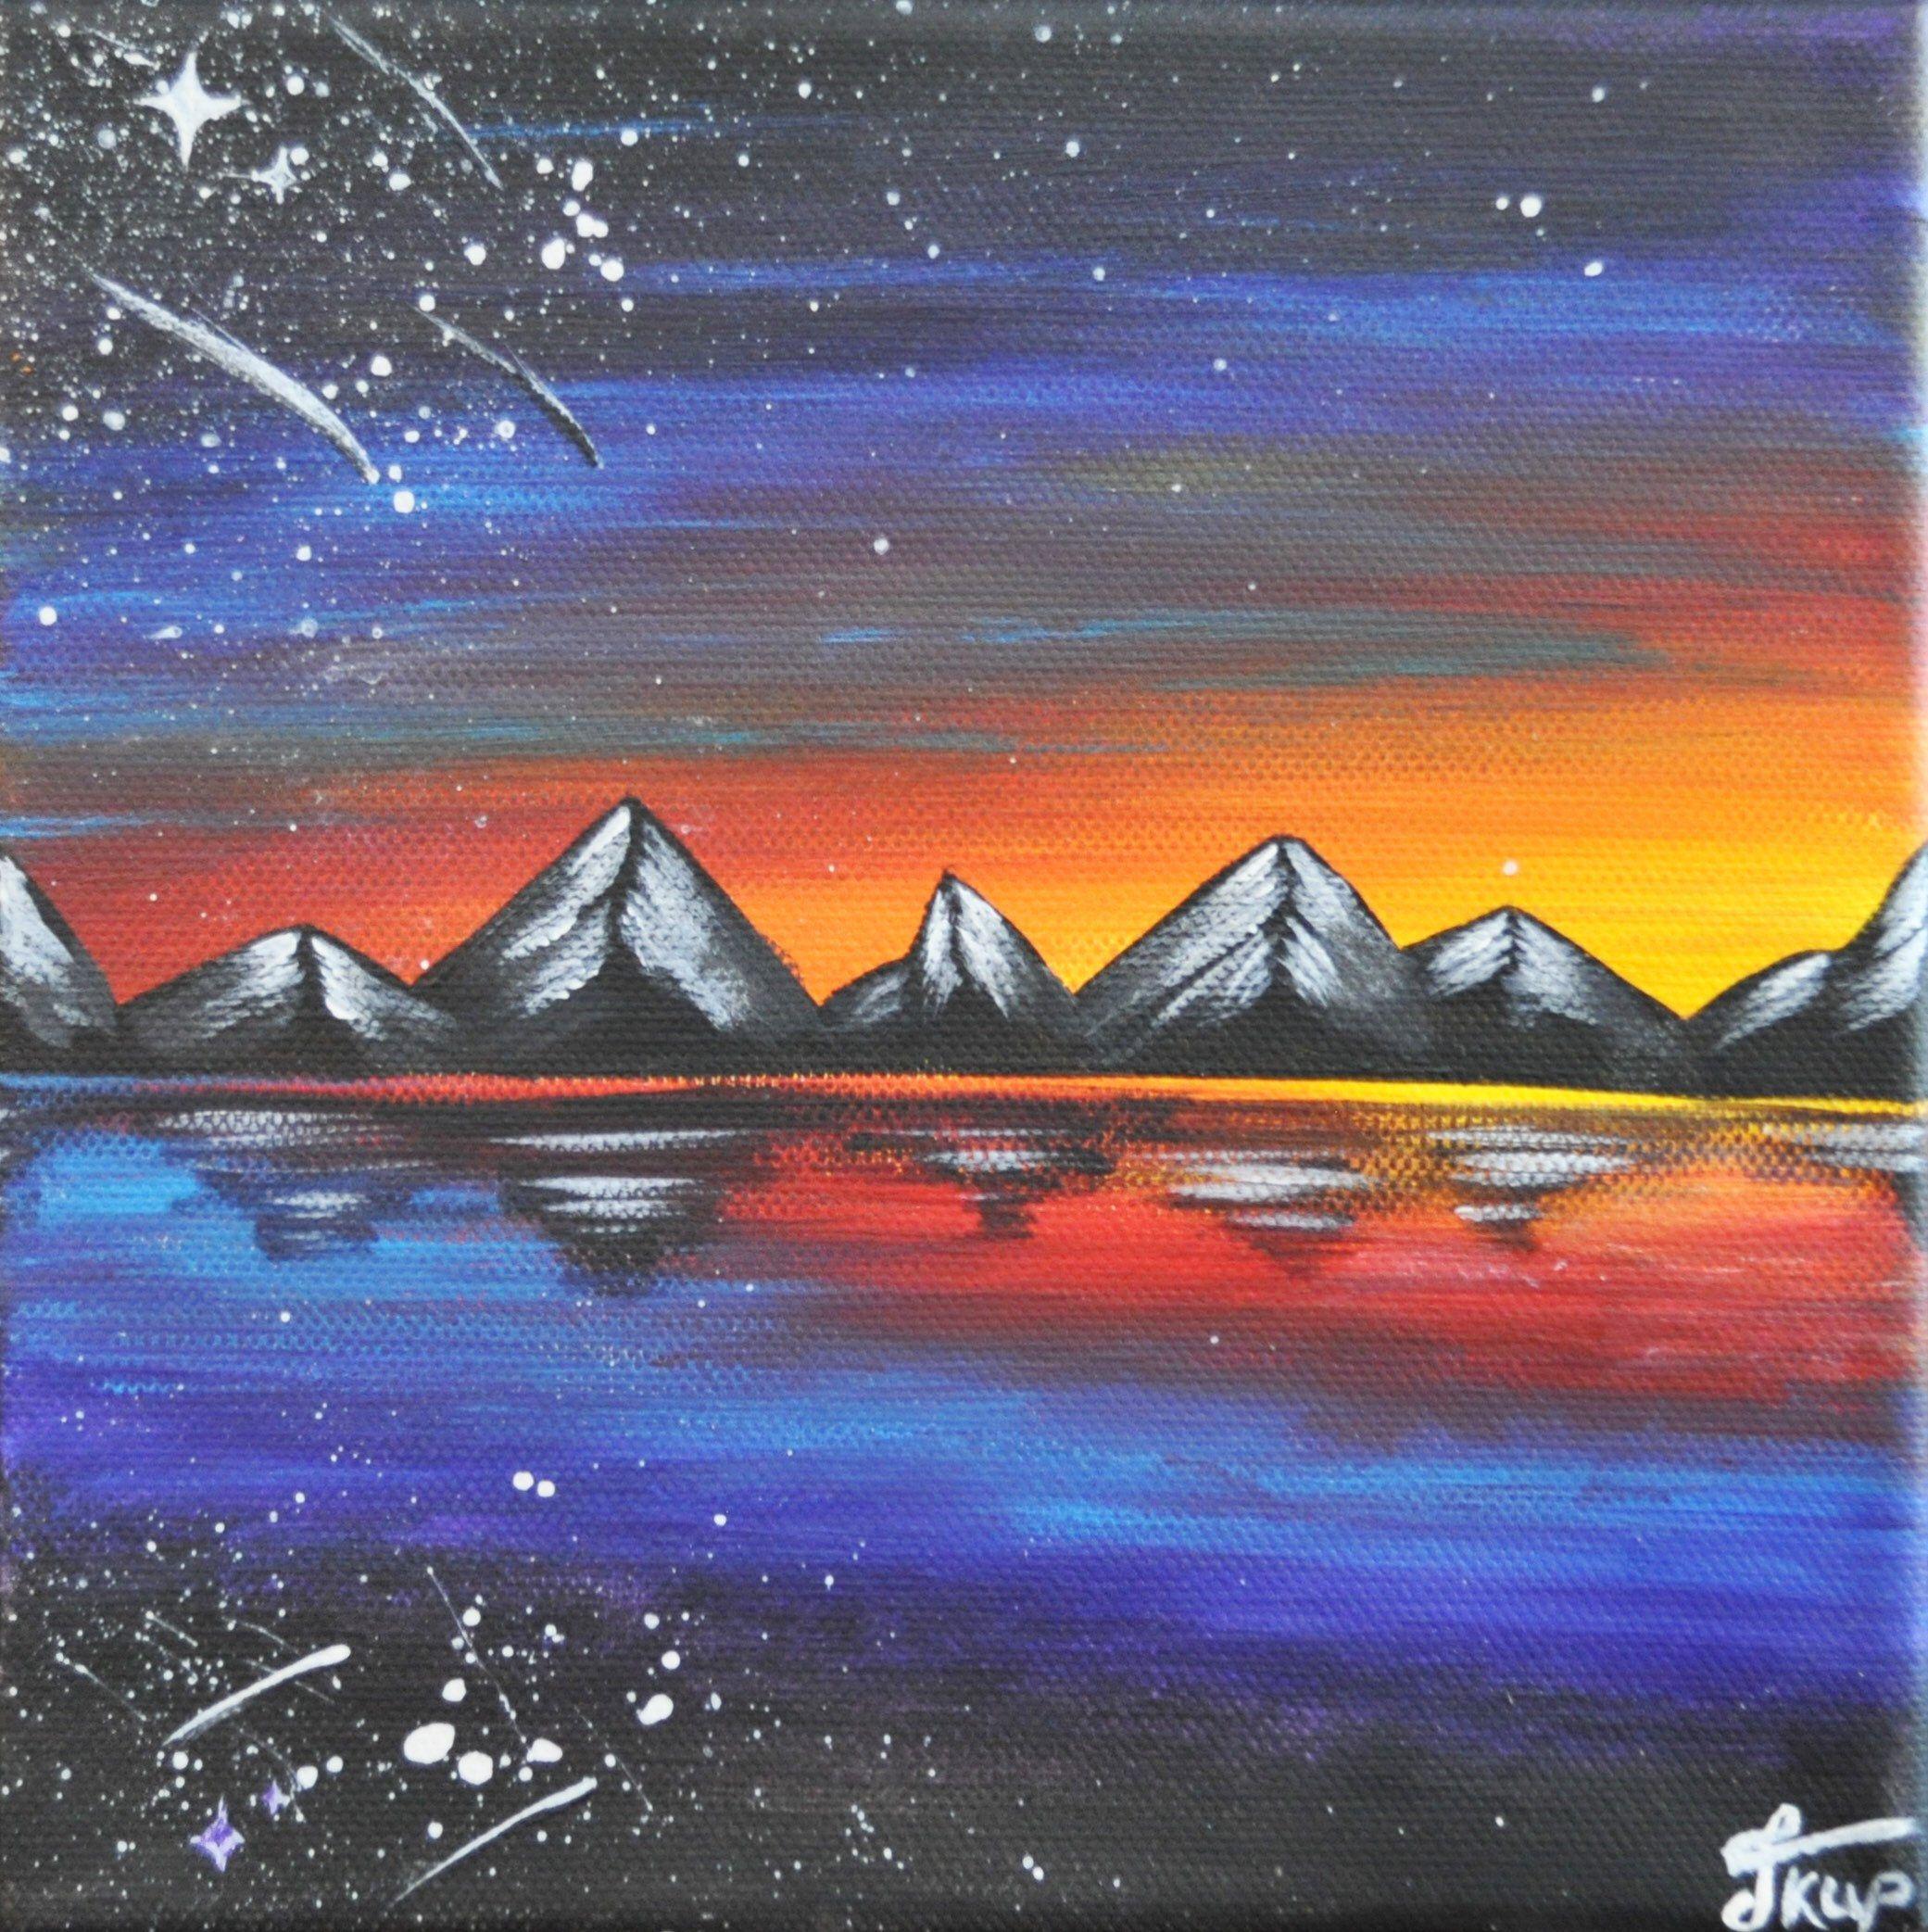 Alaska Art Night Sky Painting Original Painting Mountains Etsy In 2020 Night Sky Painting Alaska Painting Sky Painting